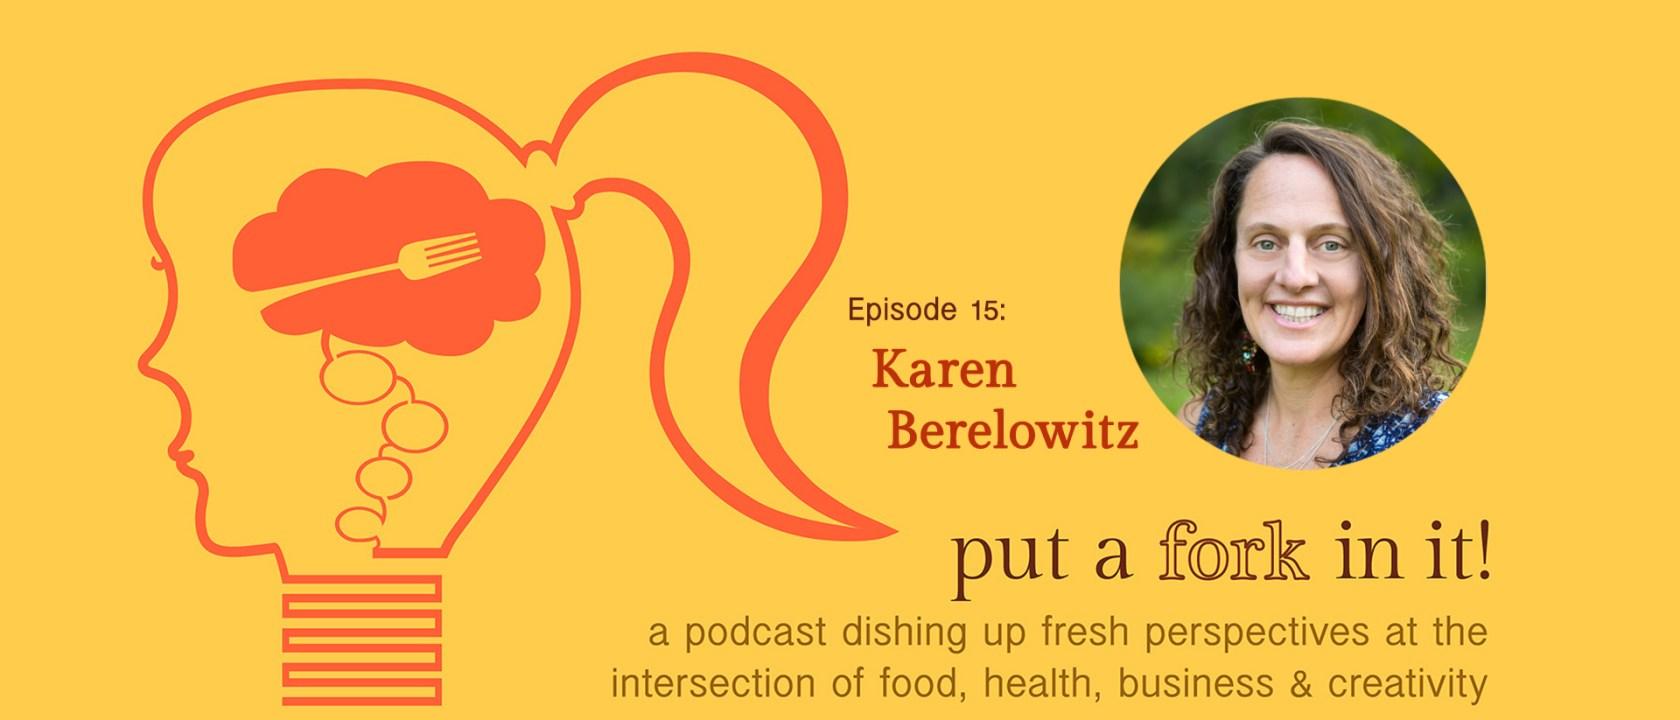 PAFII episode 15: Karen Berelowitz